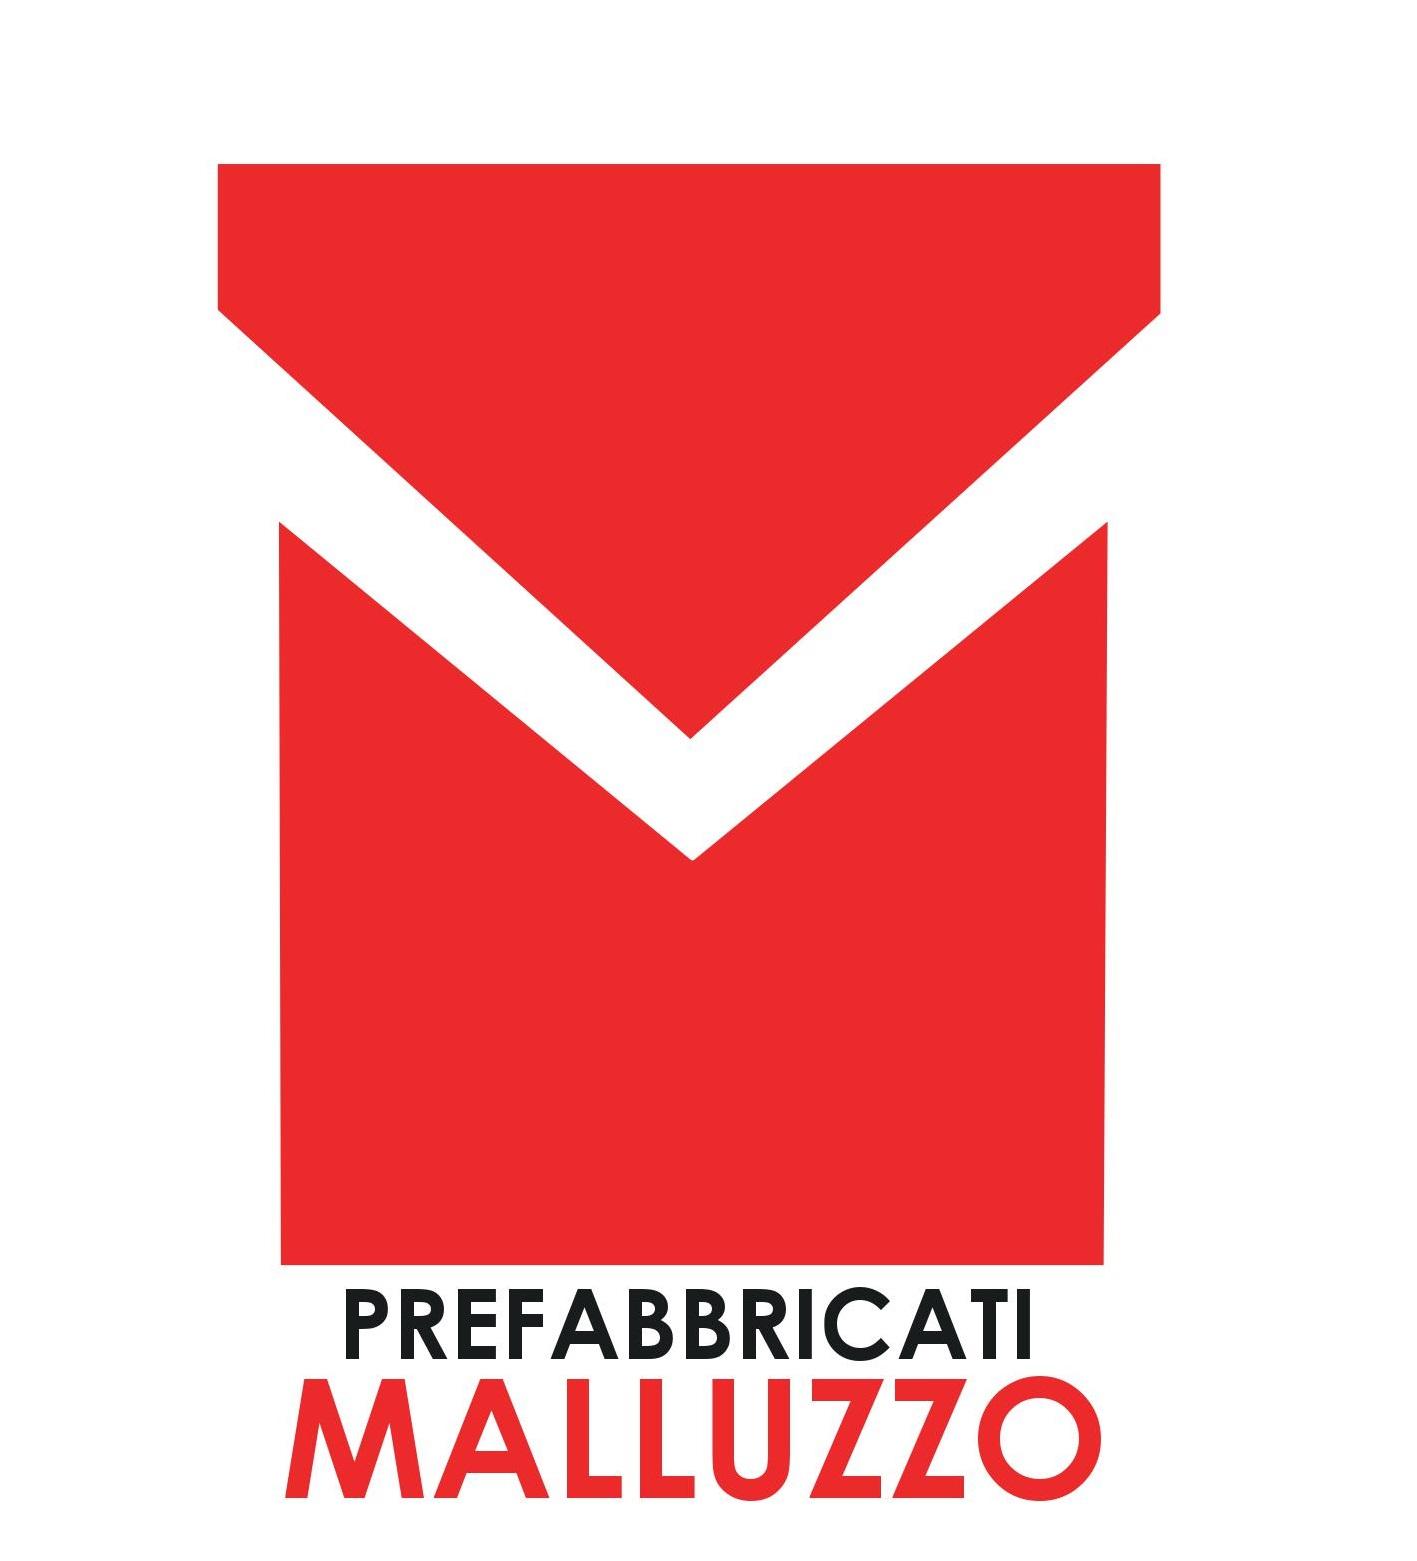 Prefabbricati Malluzzo